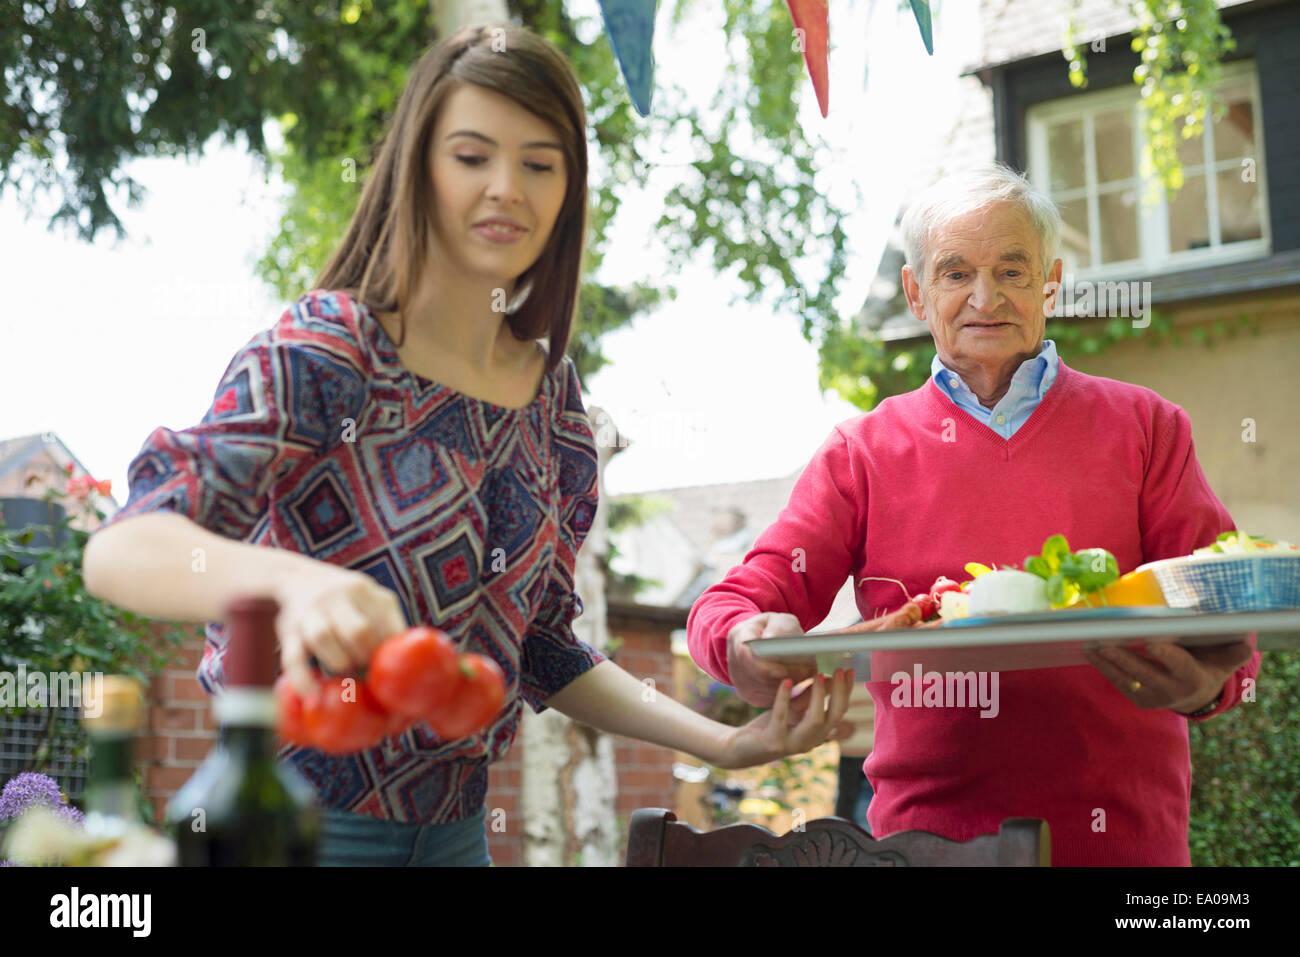 Großvater mit Tablett mit Enkelin Einstellung Tabelle Stockbild